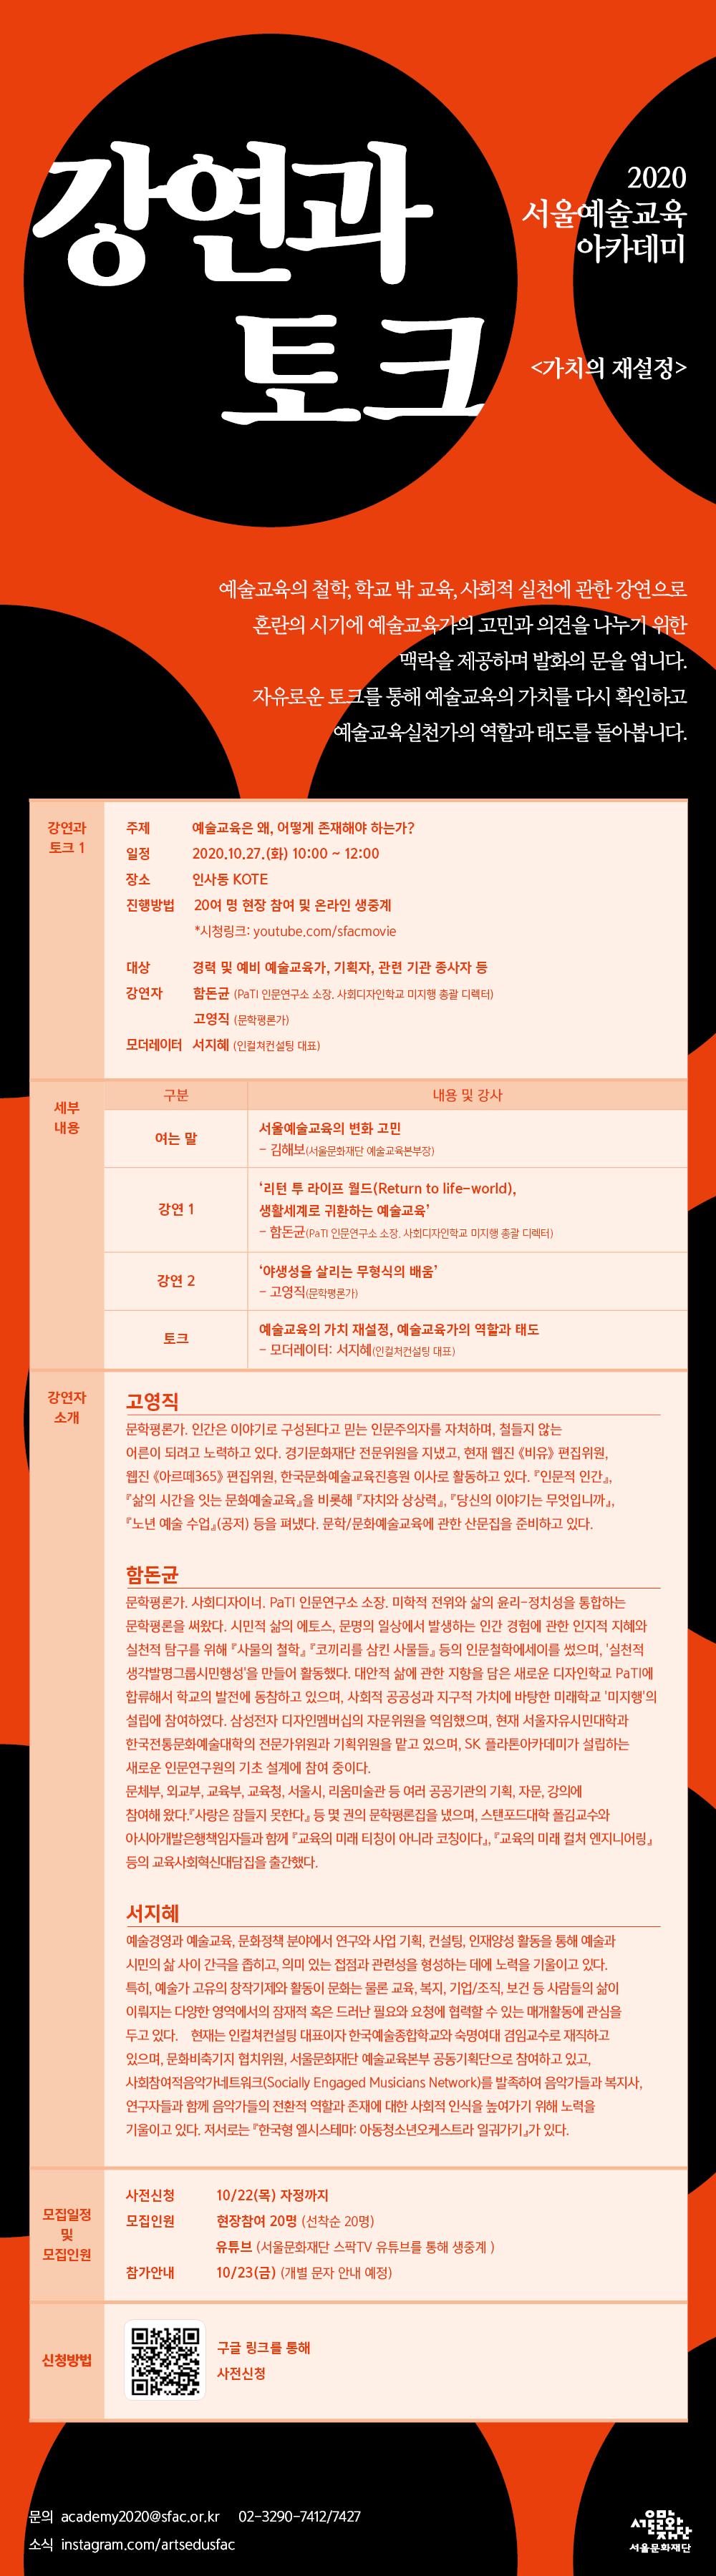 웹플라이어-강연과토크_가치의재설정.png